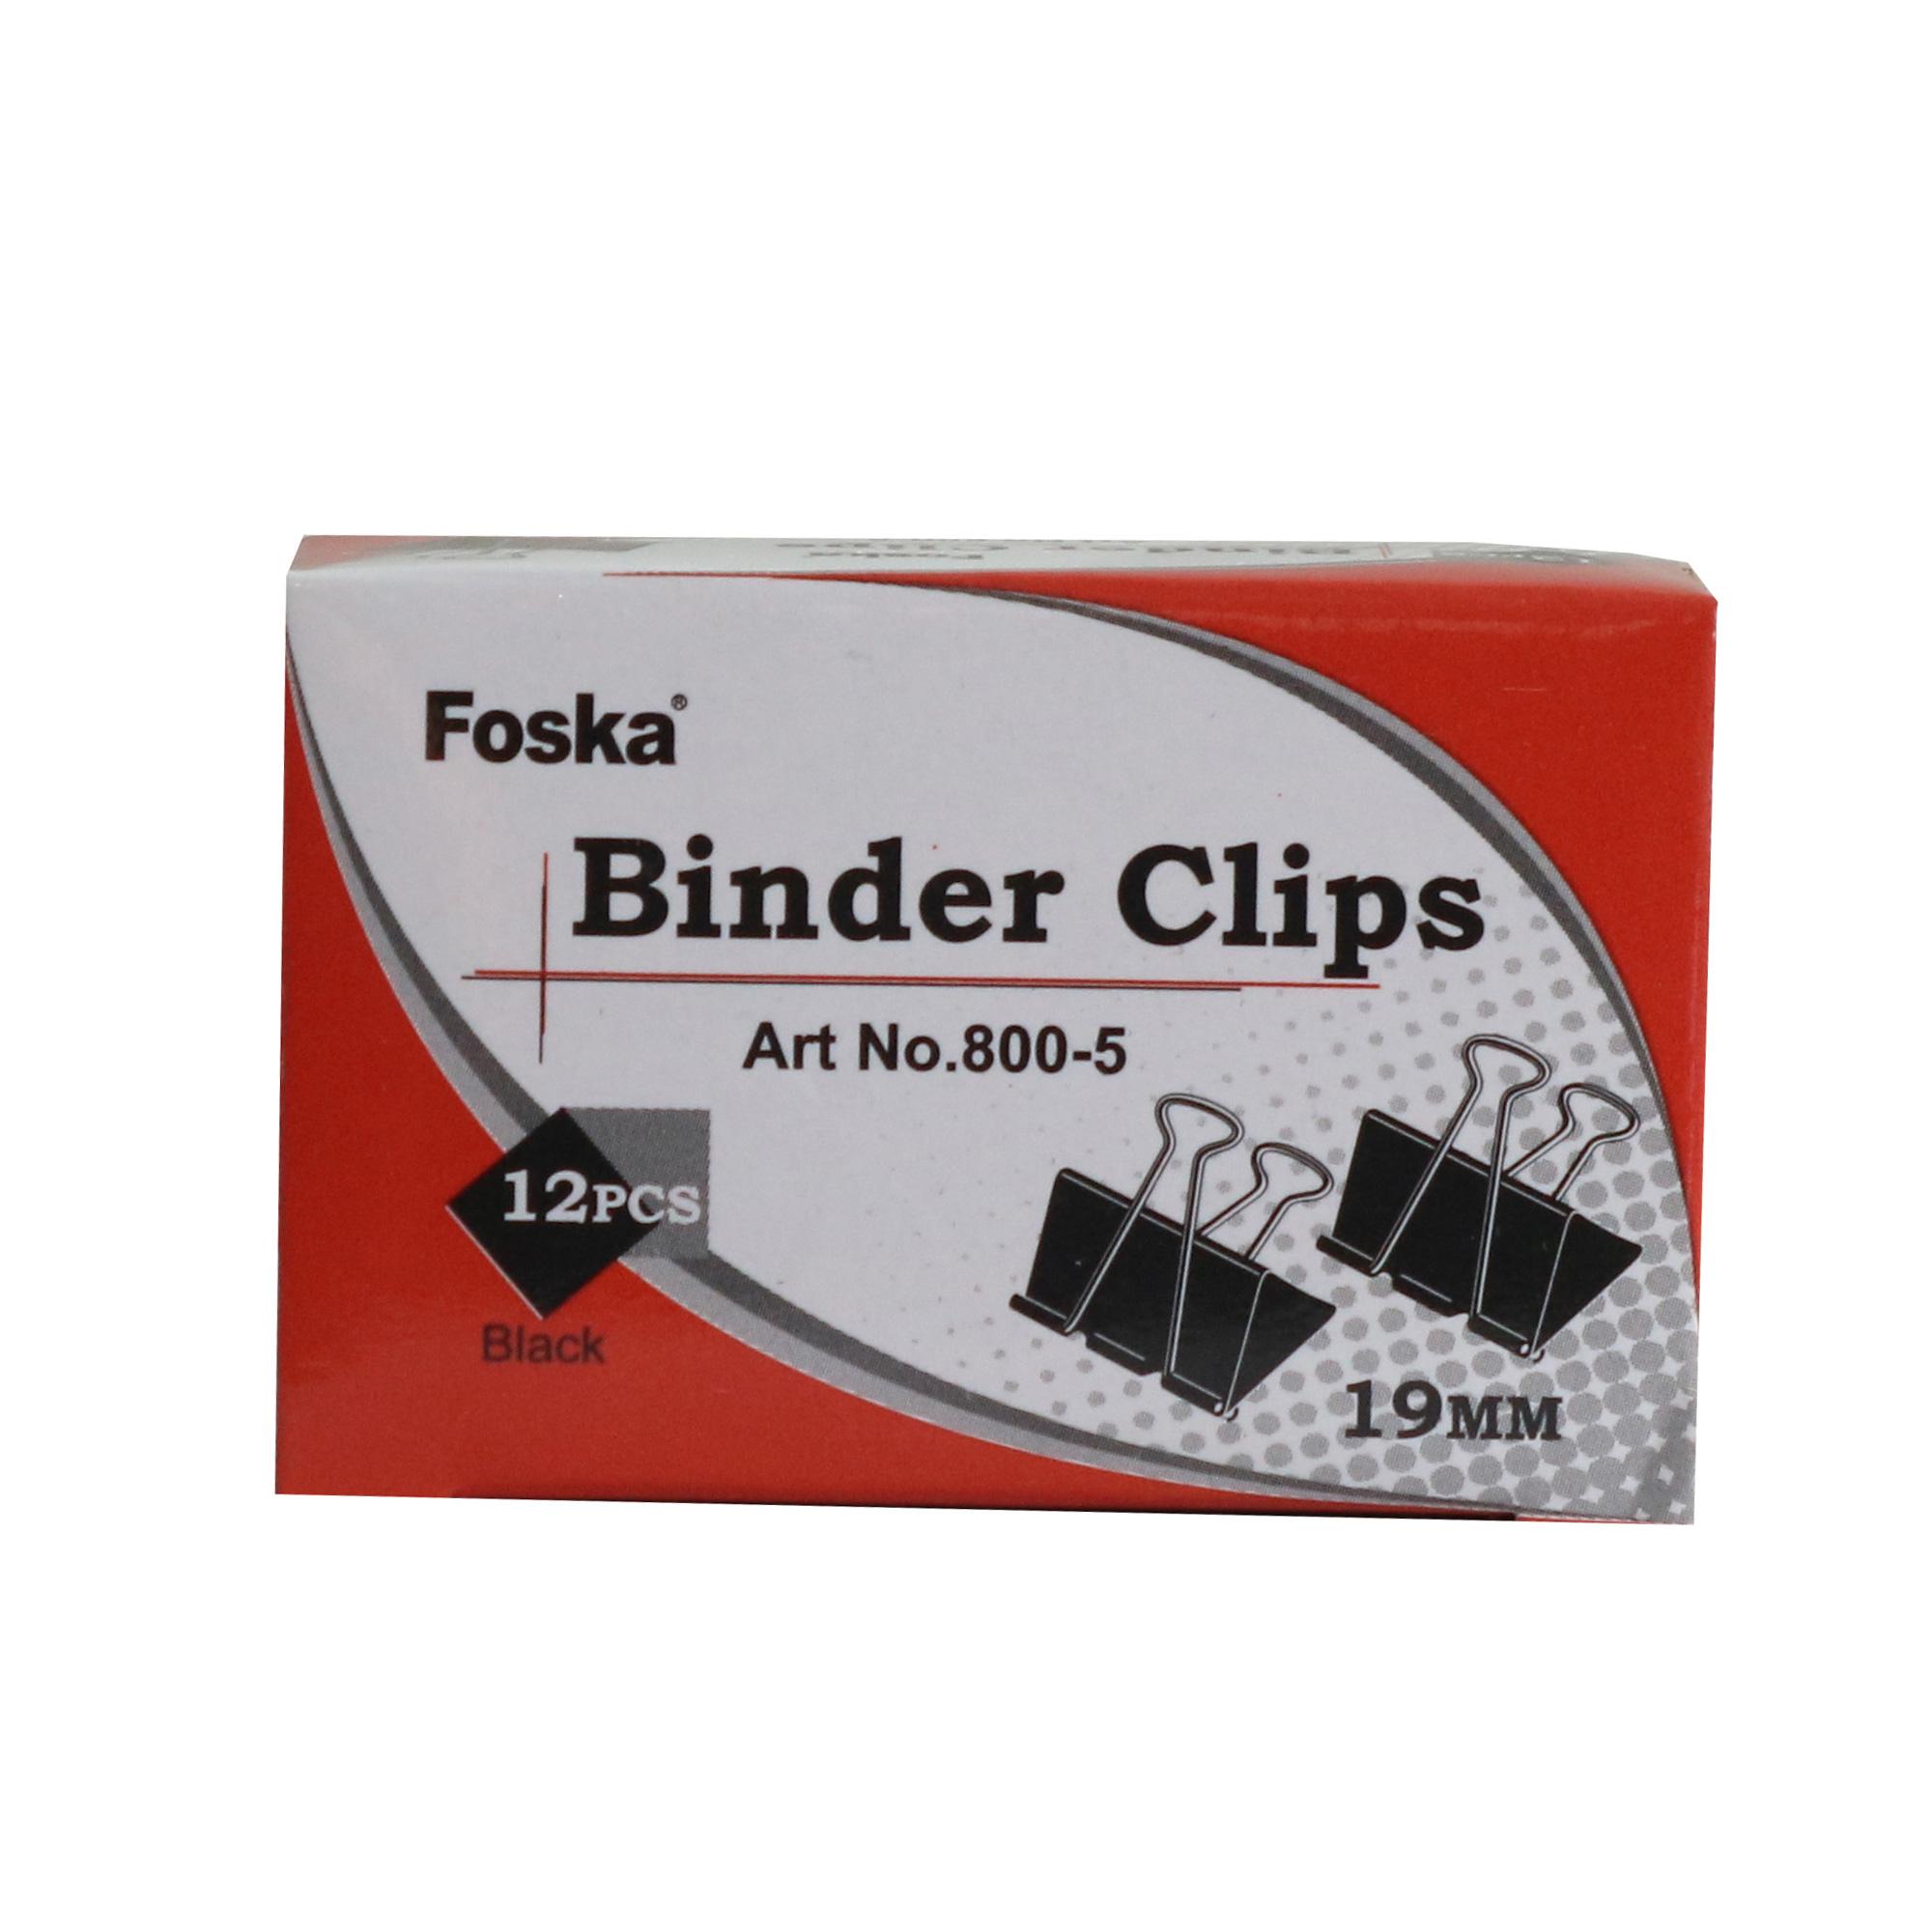 گیره کاغذ فوسکا کد 5-800 بسته 12 عددی